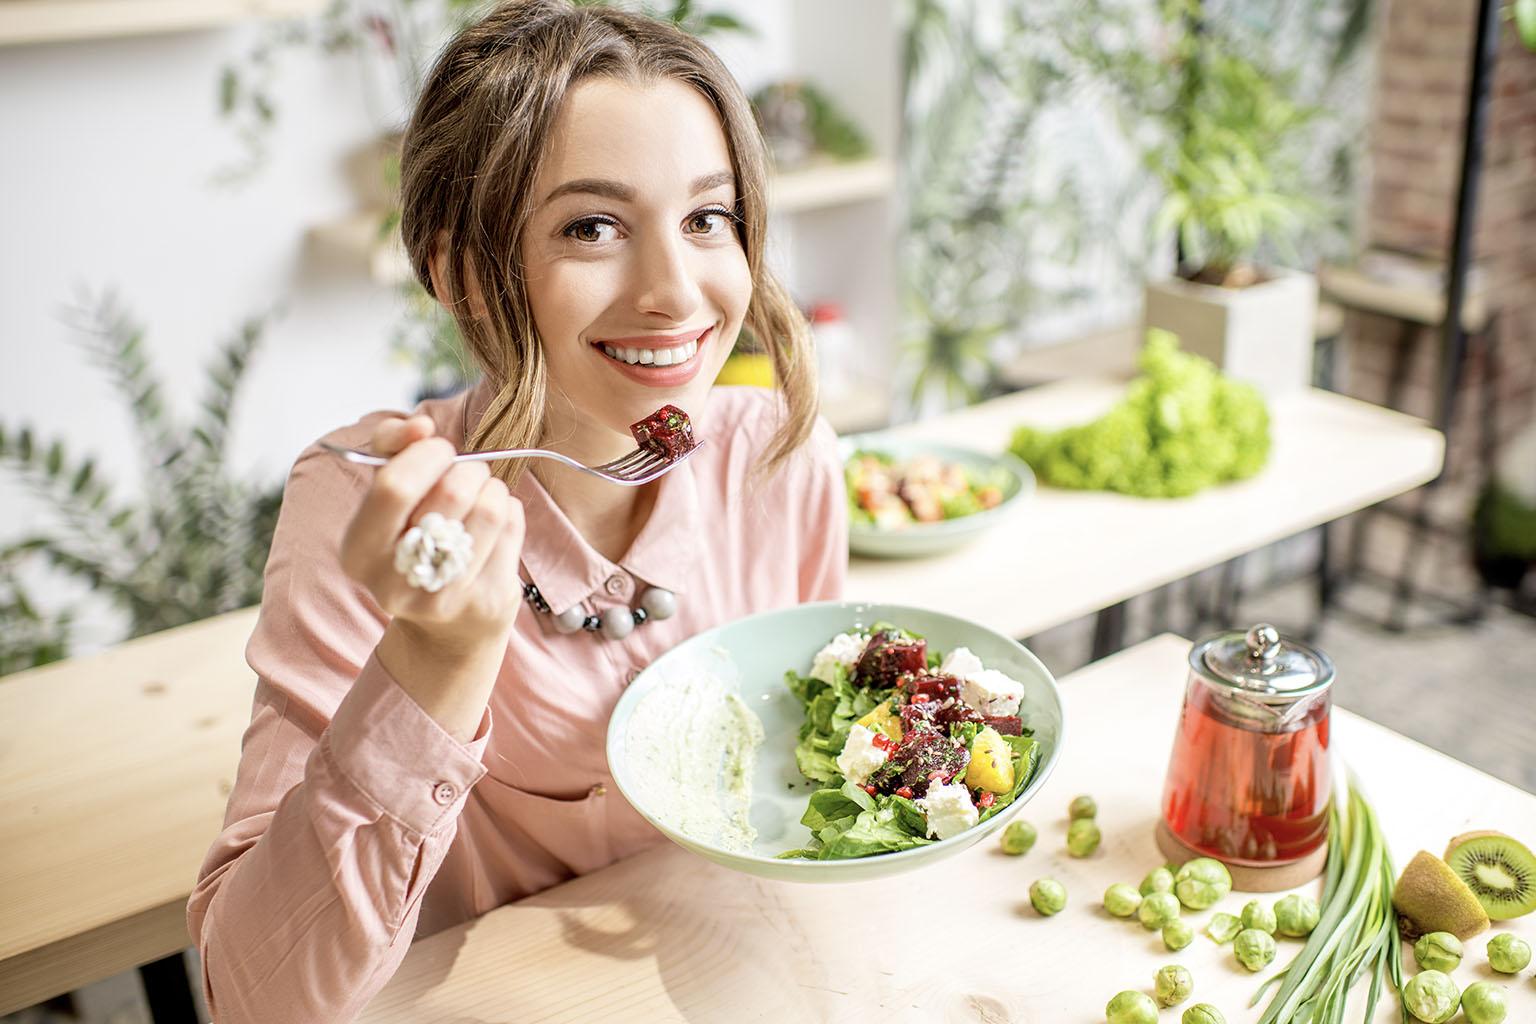 Czym jest mikroflora bakteryjna jelit i jaki ma wpływ na zdrowie człowieka?